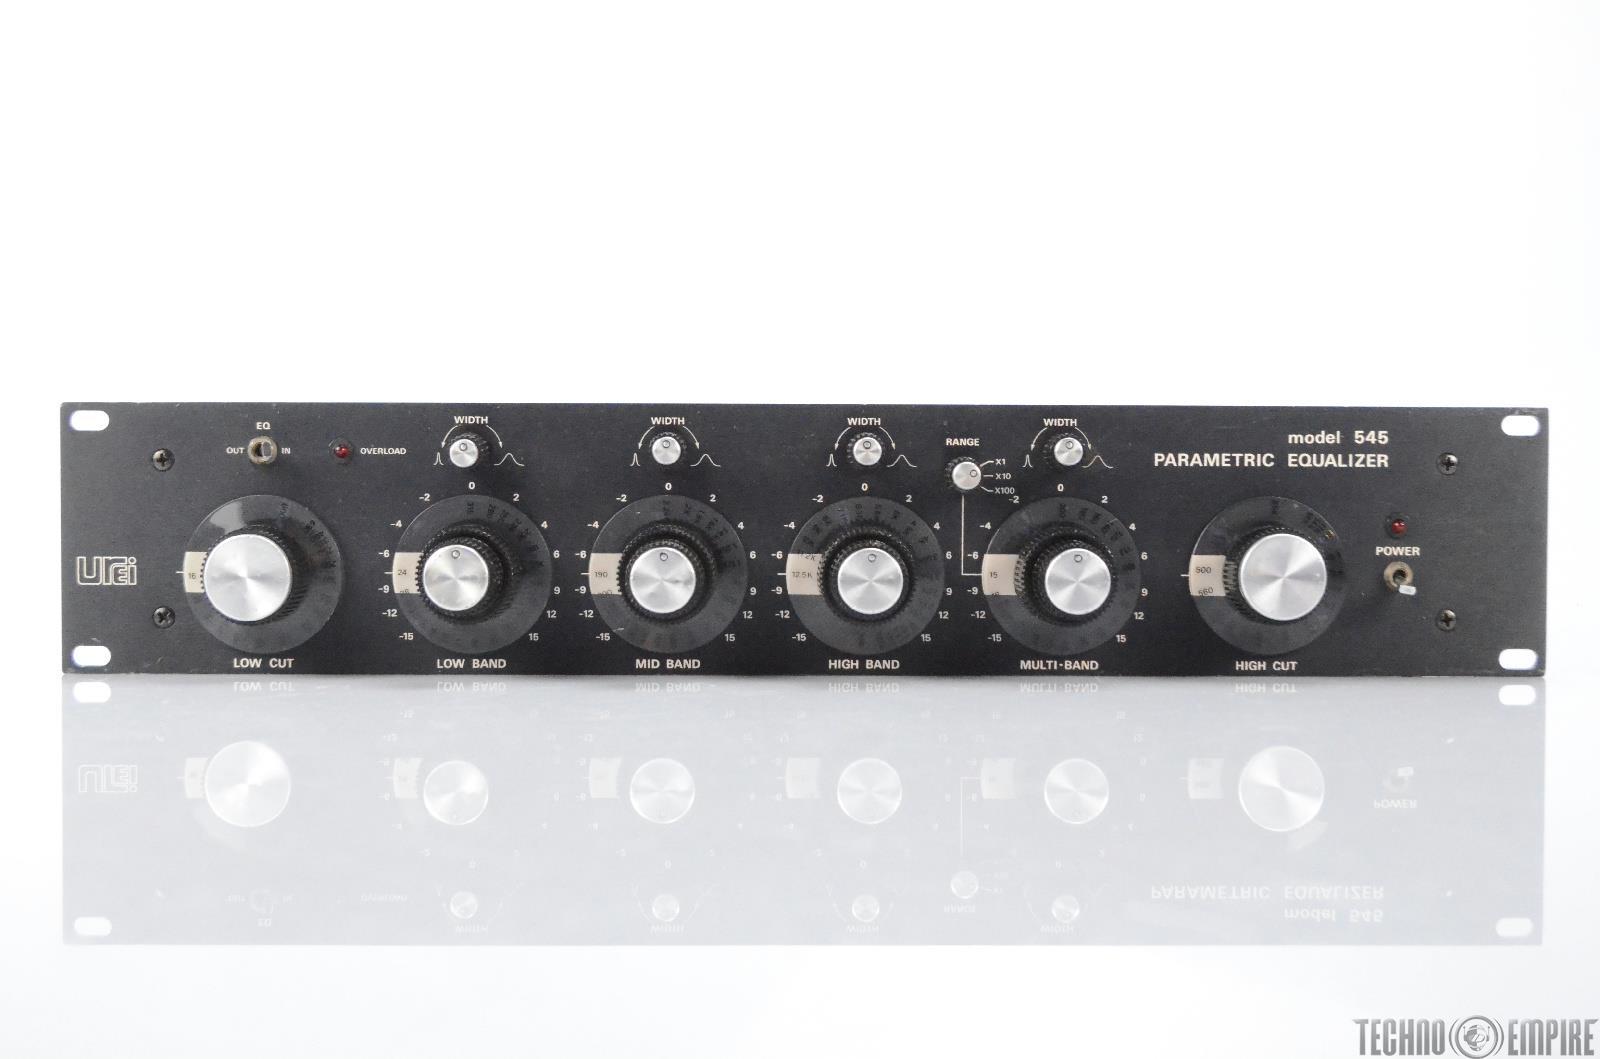 UREI Model 545 4-Band Parametric Equalizer EQ w/ XLR Spade I/O Pigtail #29973